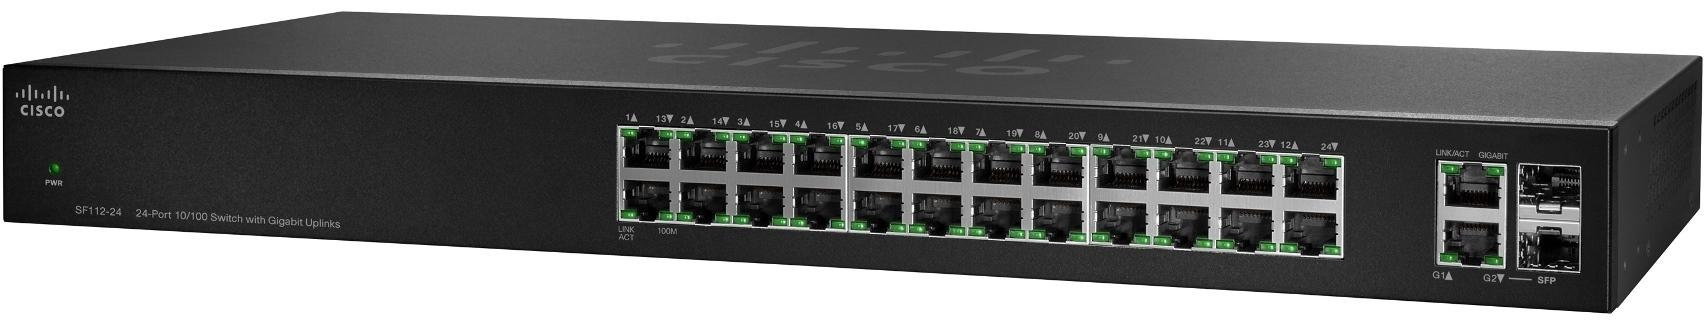 Cisco SF112-24-EU, 24x100 Switch with Gb Uplinks